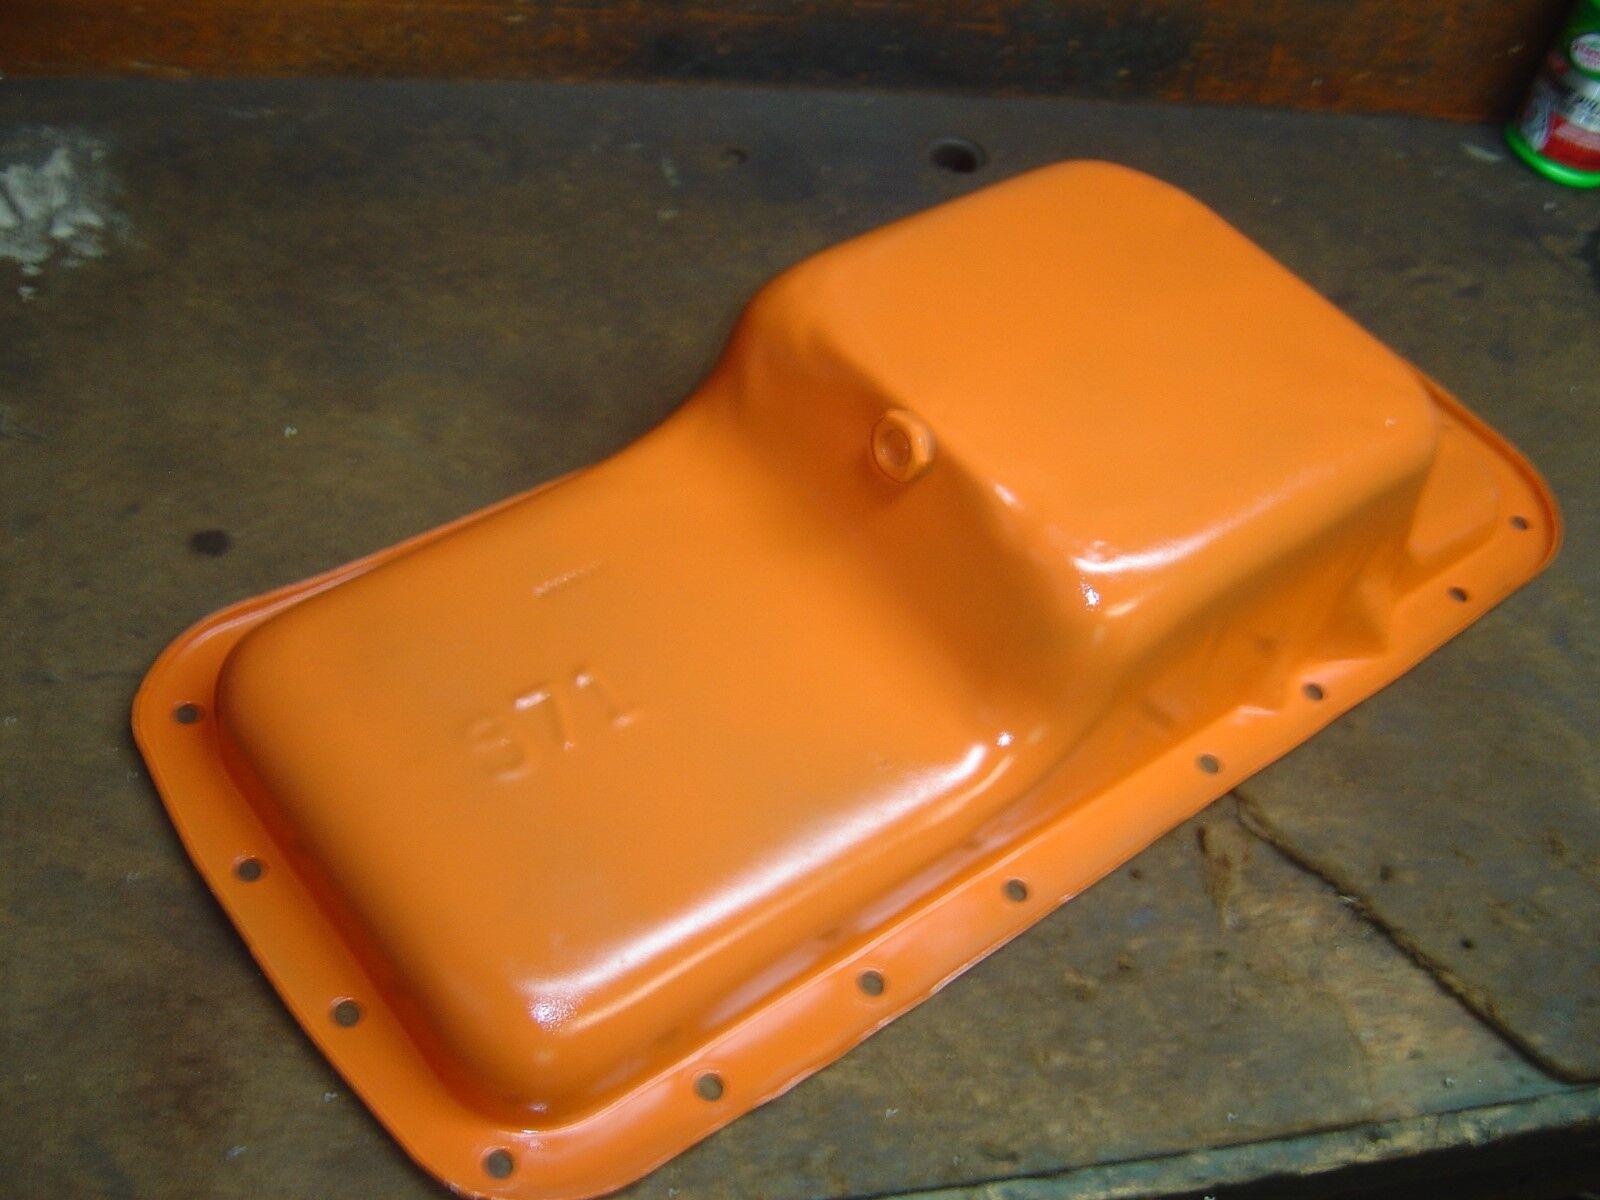 What Is Mopar >> 66/71 Charger Roadrunner Coronet Mopar 440 383 Oil Pan for sale